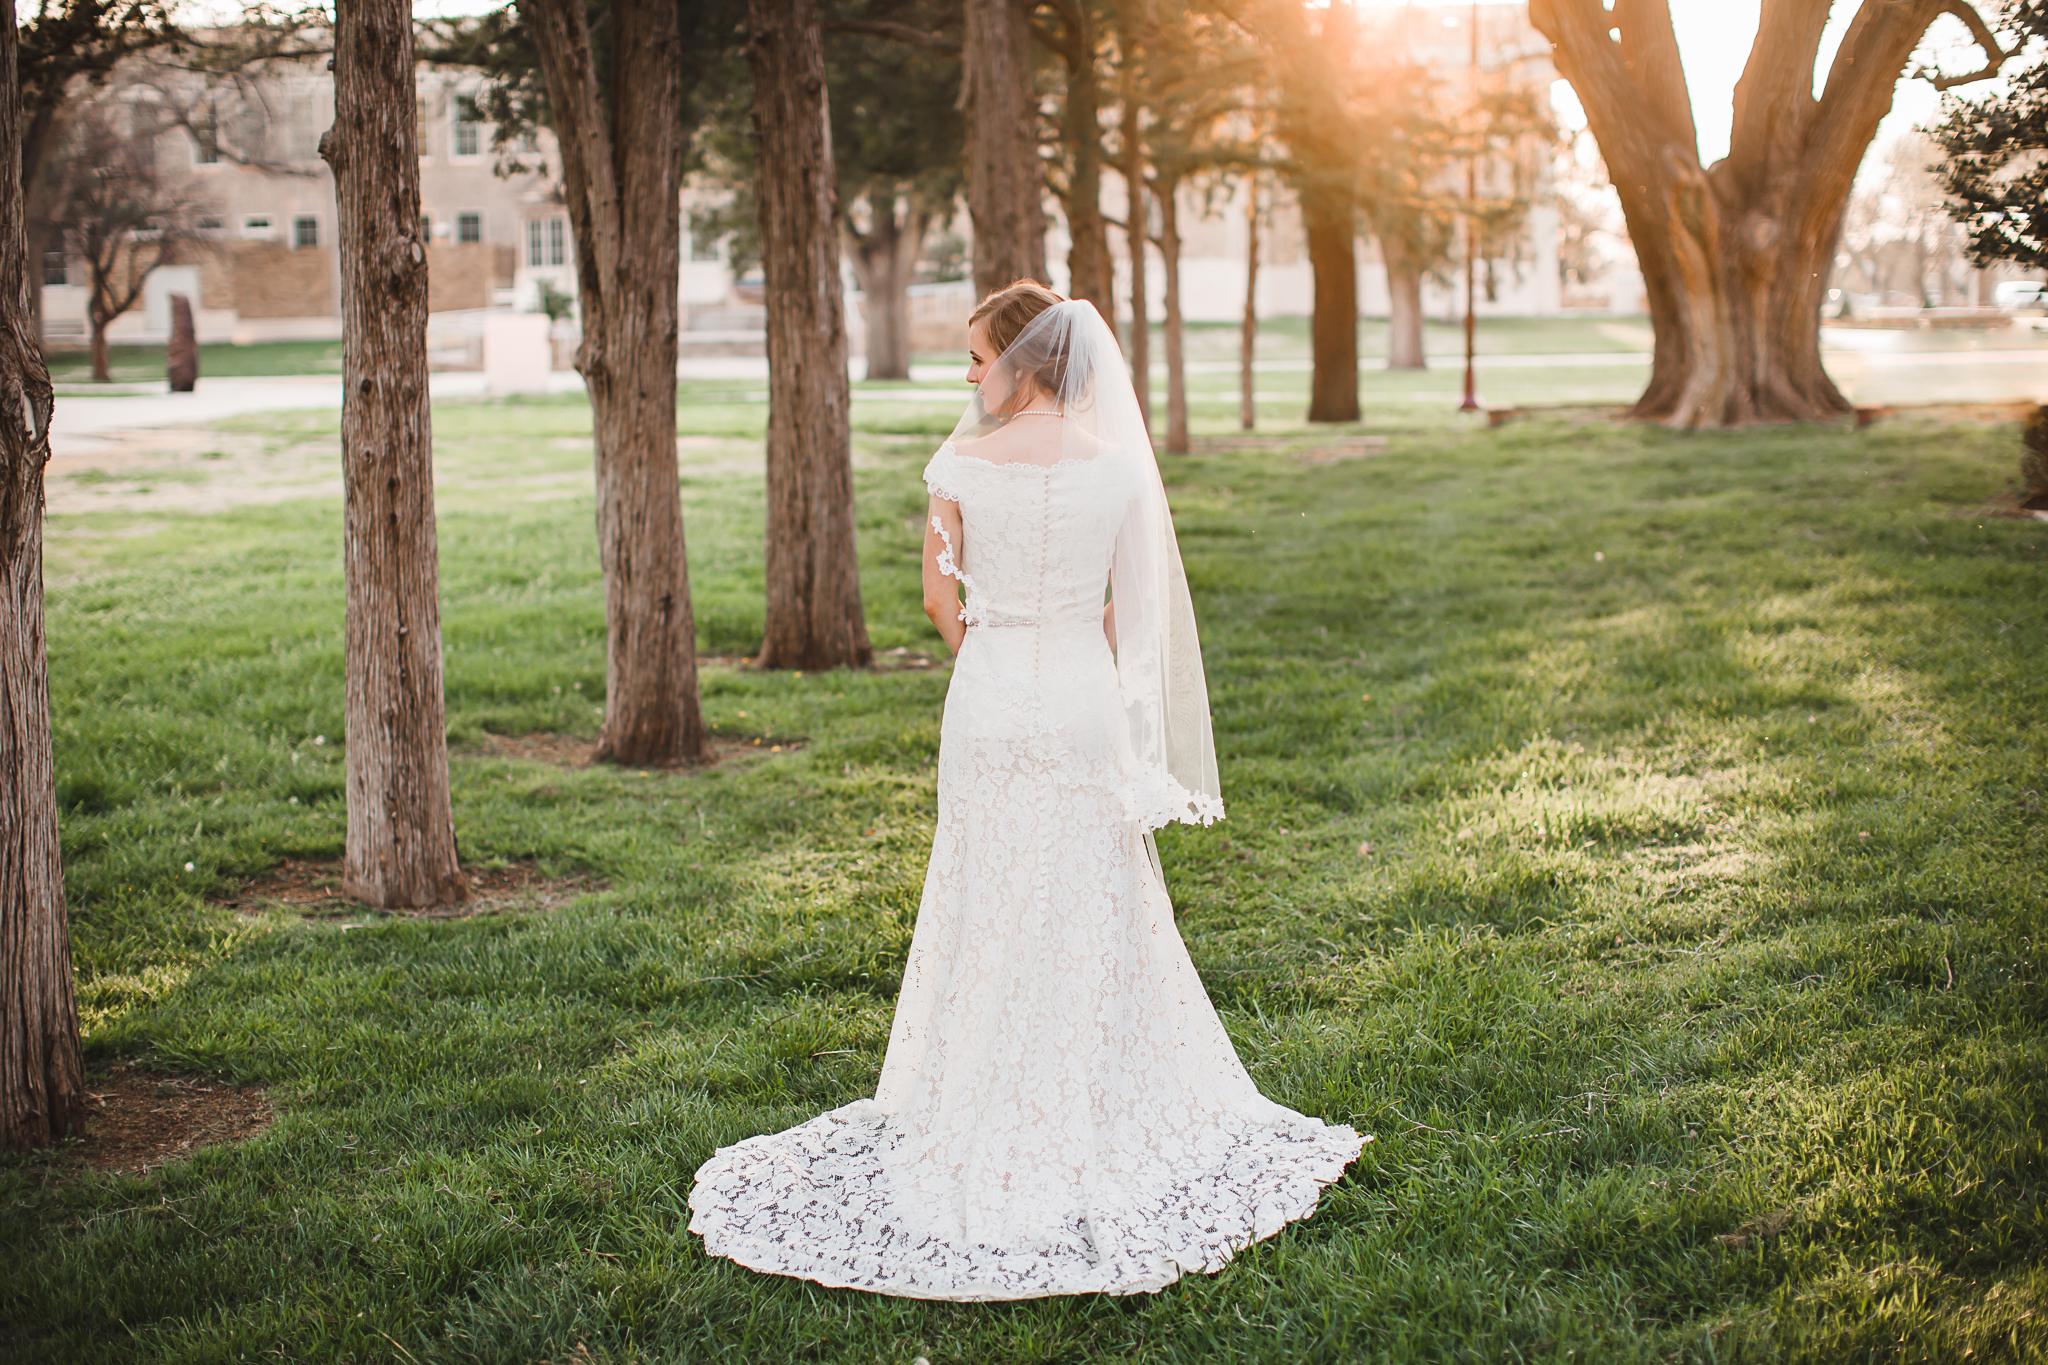 alyssa bridal blog-7.jpg